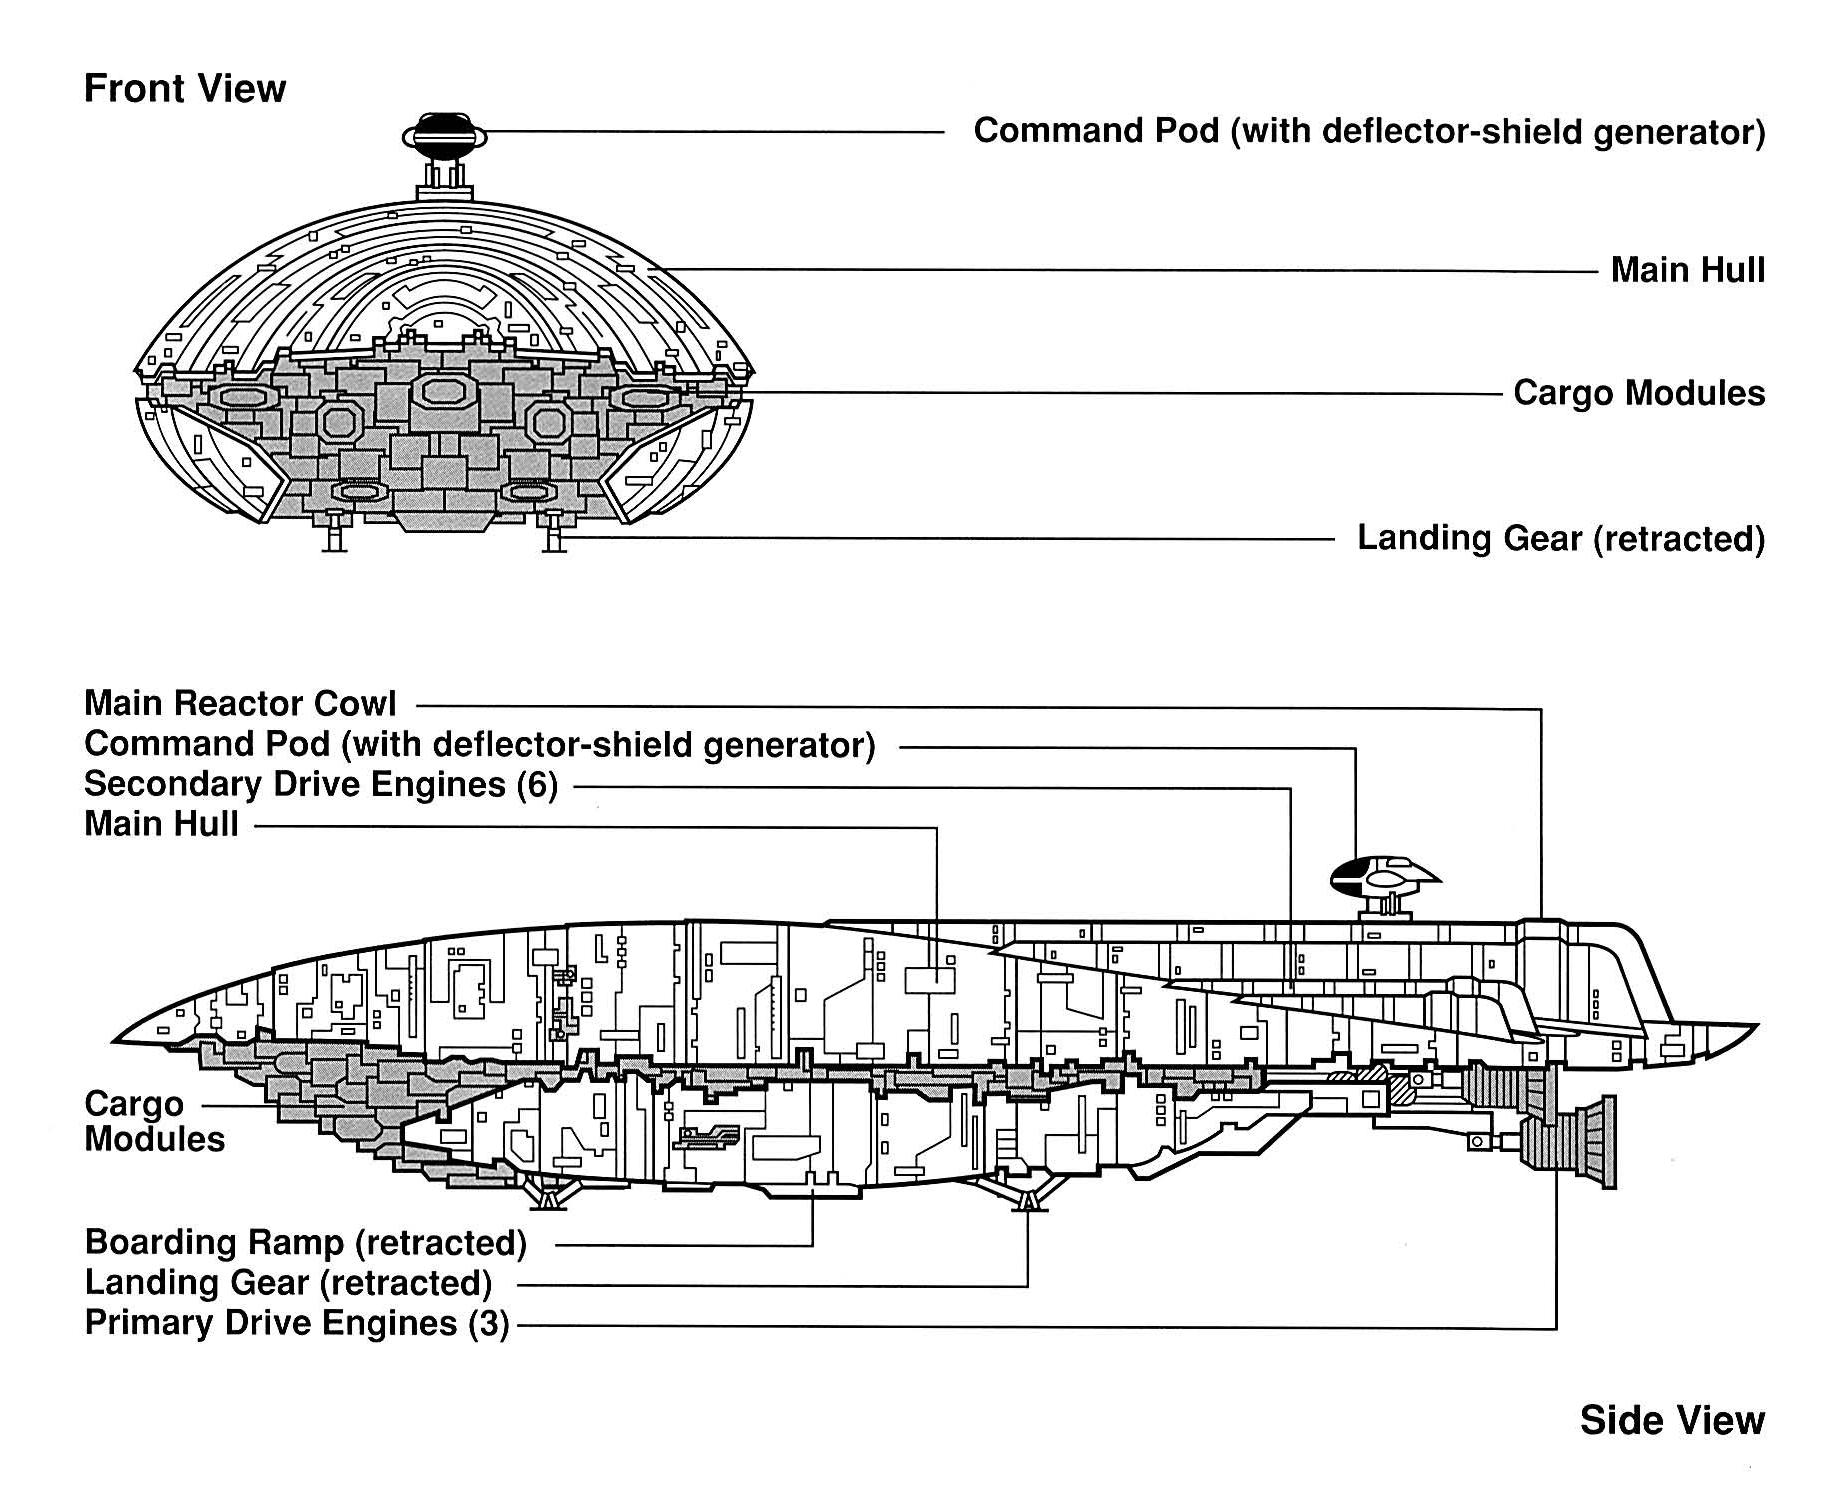 firefly ship schematics    starwars.wikia.com